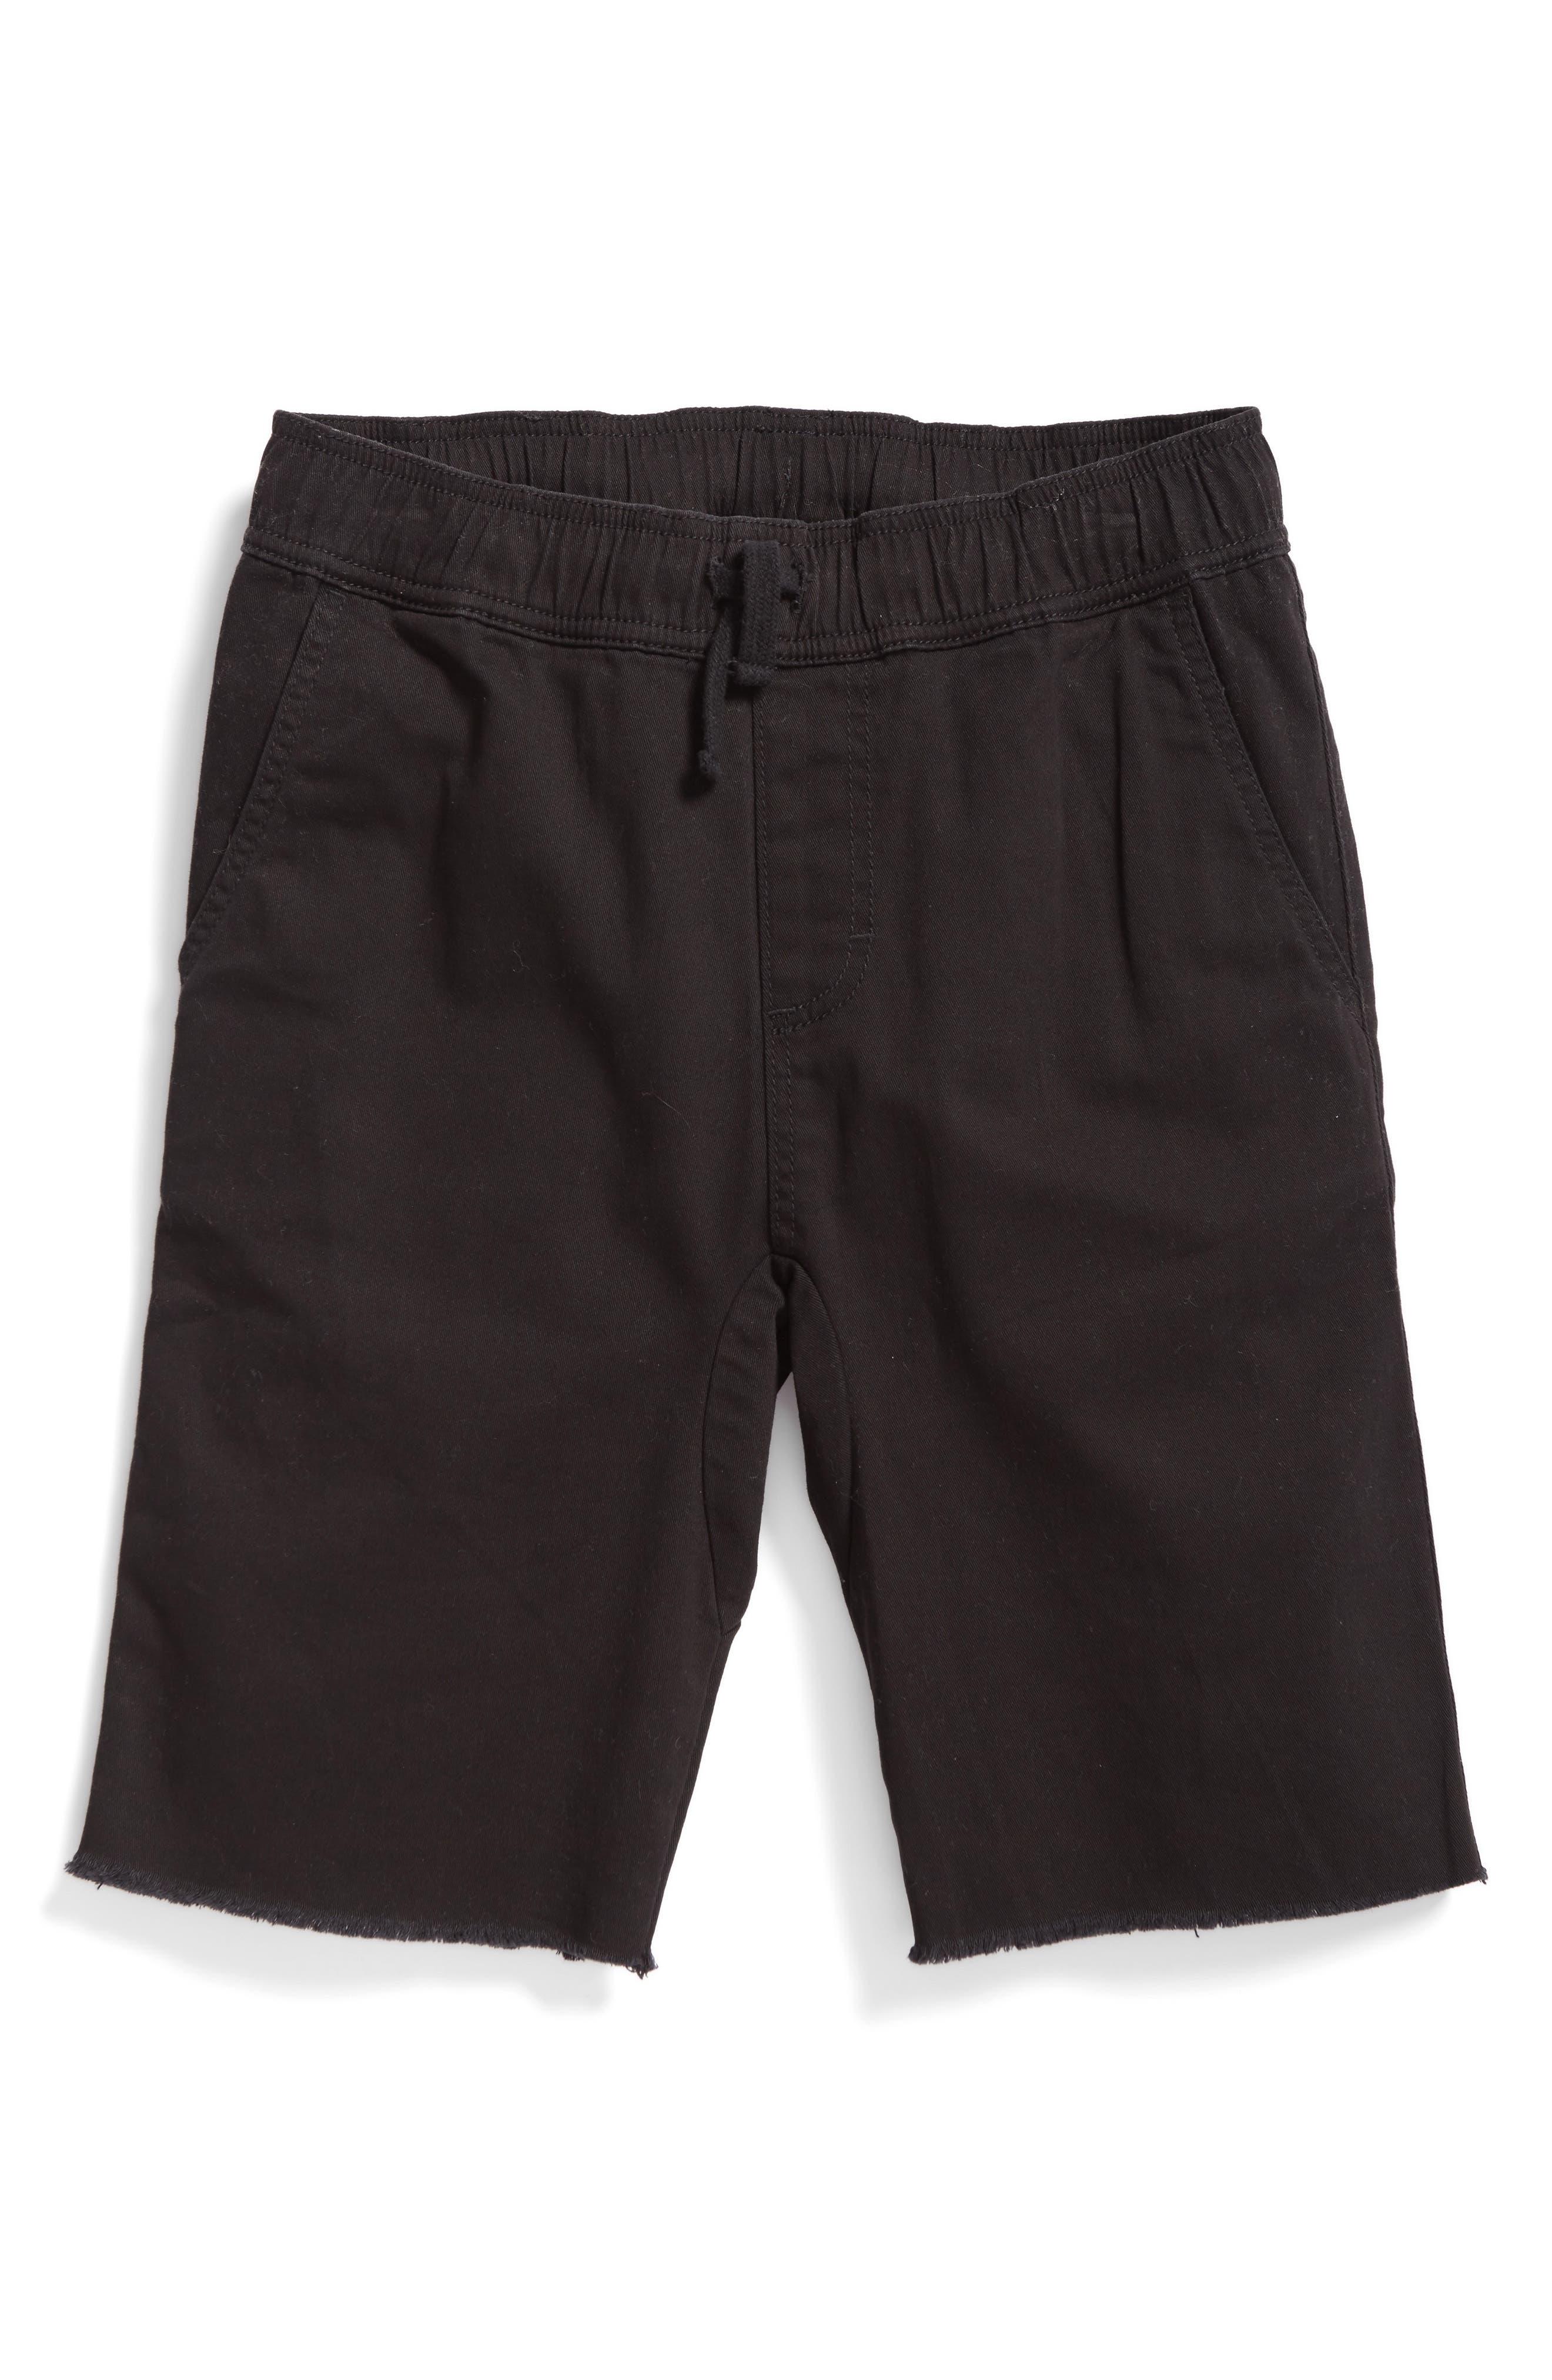 Jogger Shorts,                             Main thumbnail 1, color,                             001